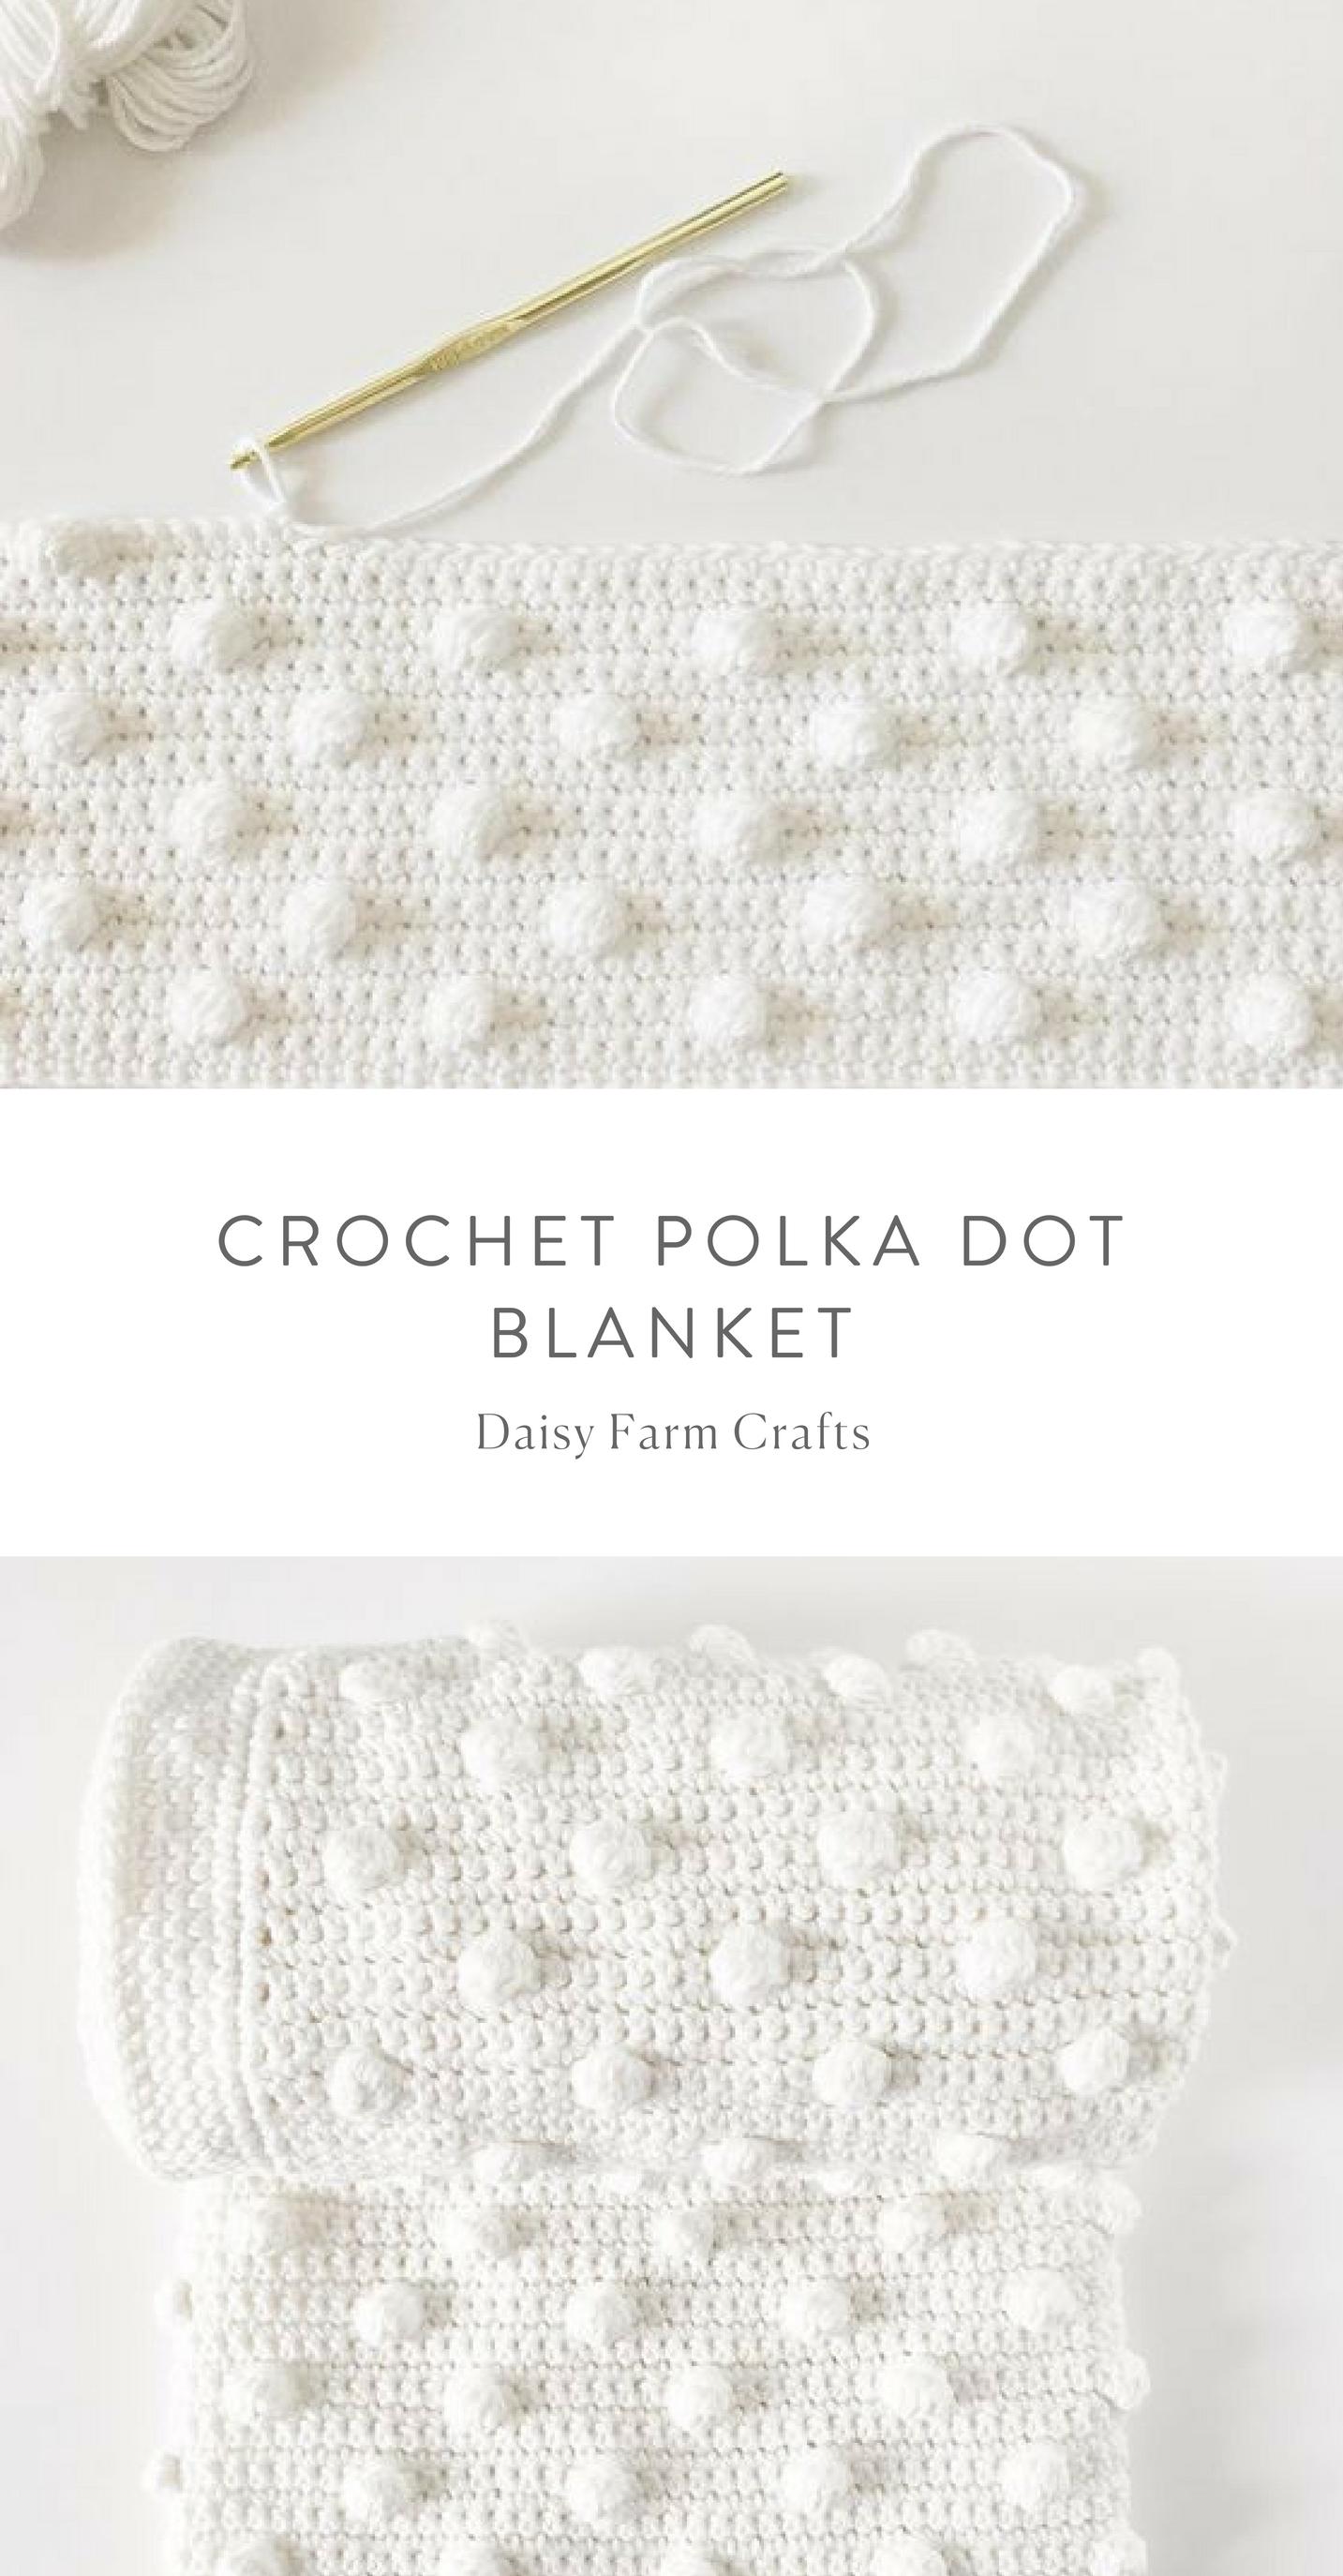 Free Pattern - Crochet Polka Dot Blanket #crochet | tejidos en 2018 ...